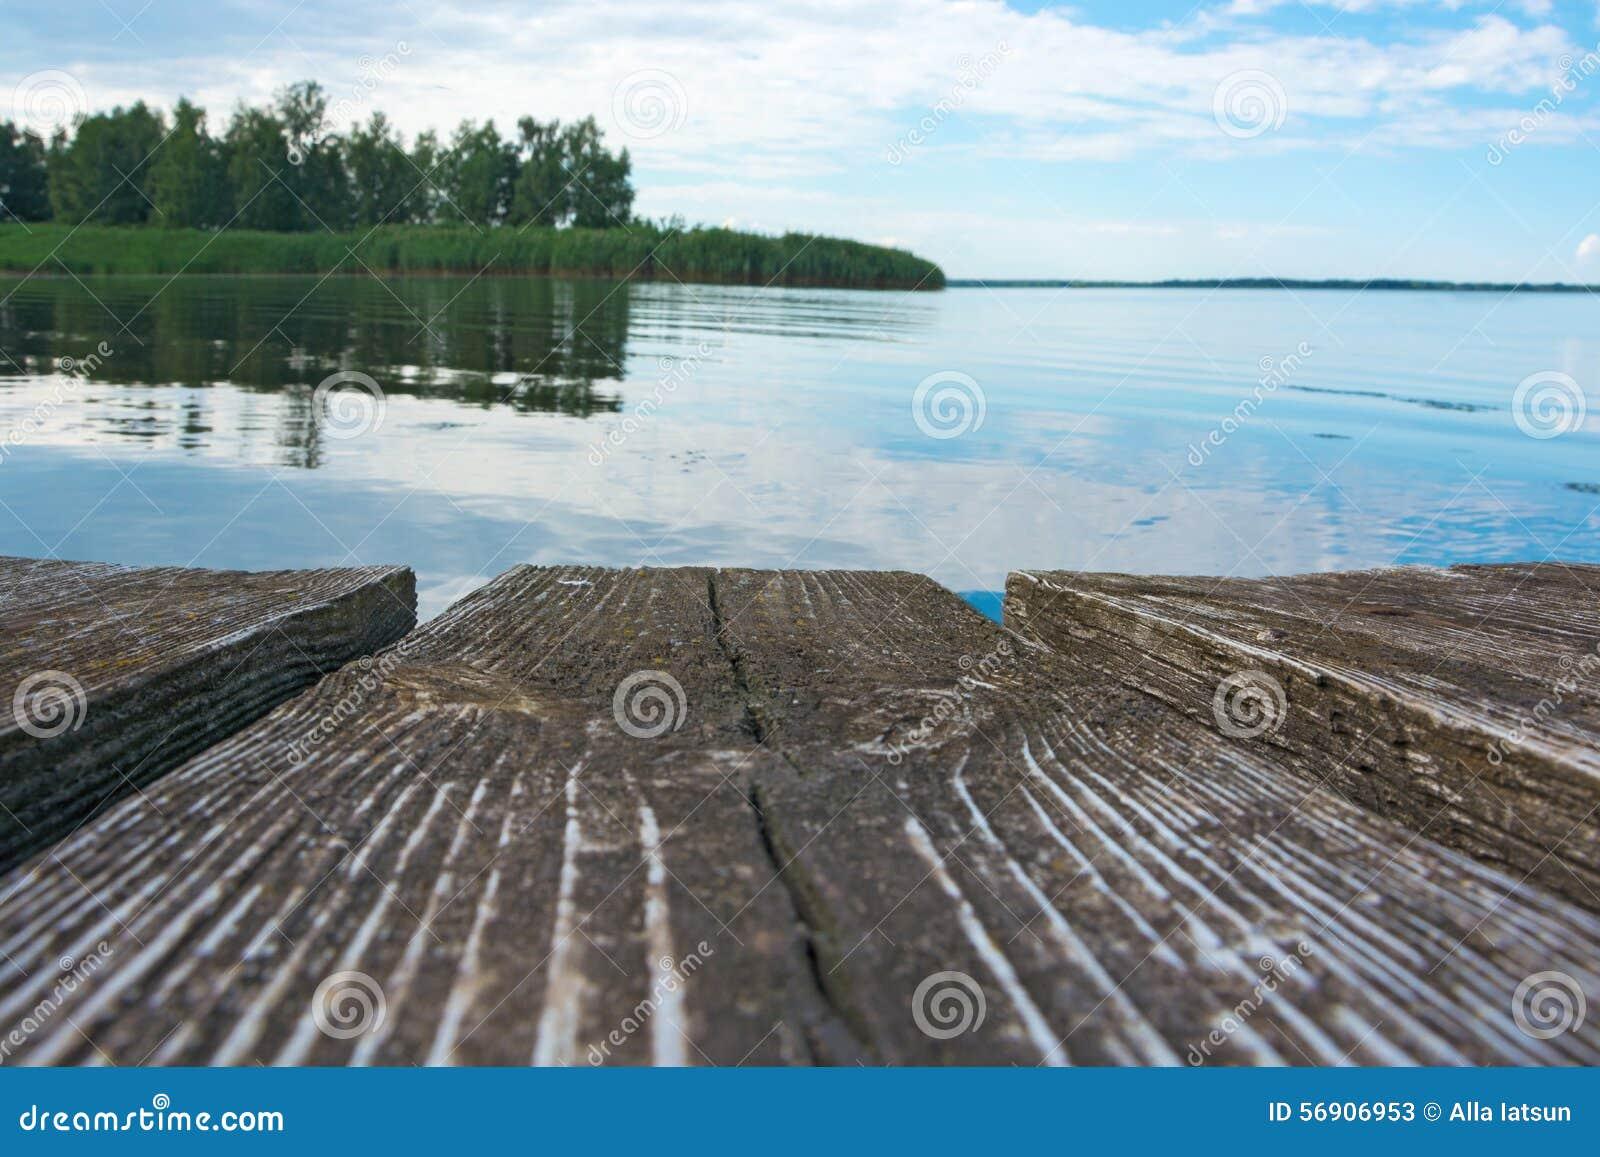 Ξύλινες διαβάσεις πεζών και άποψη του ποταμού